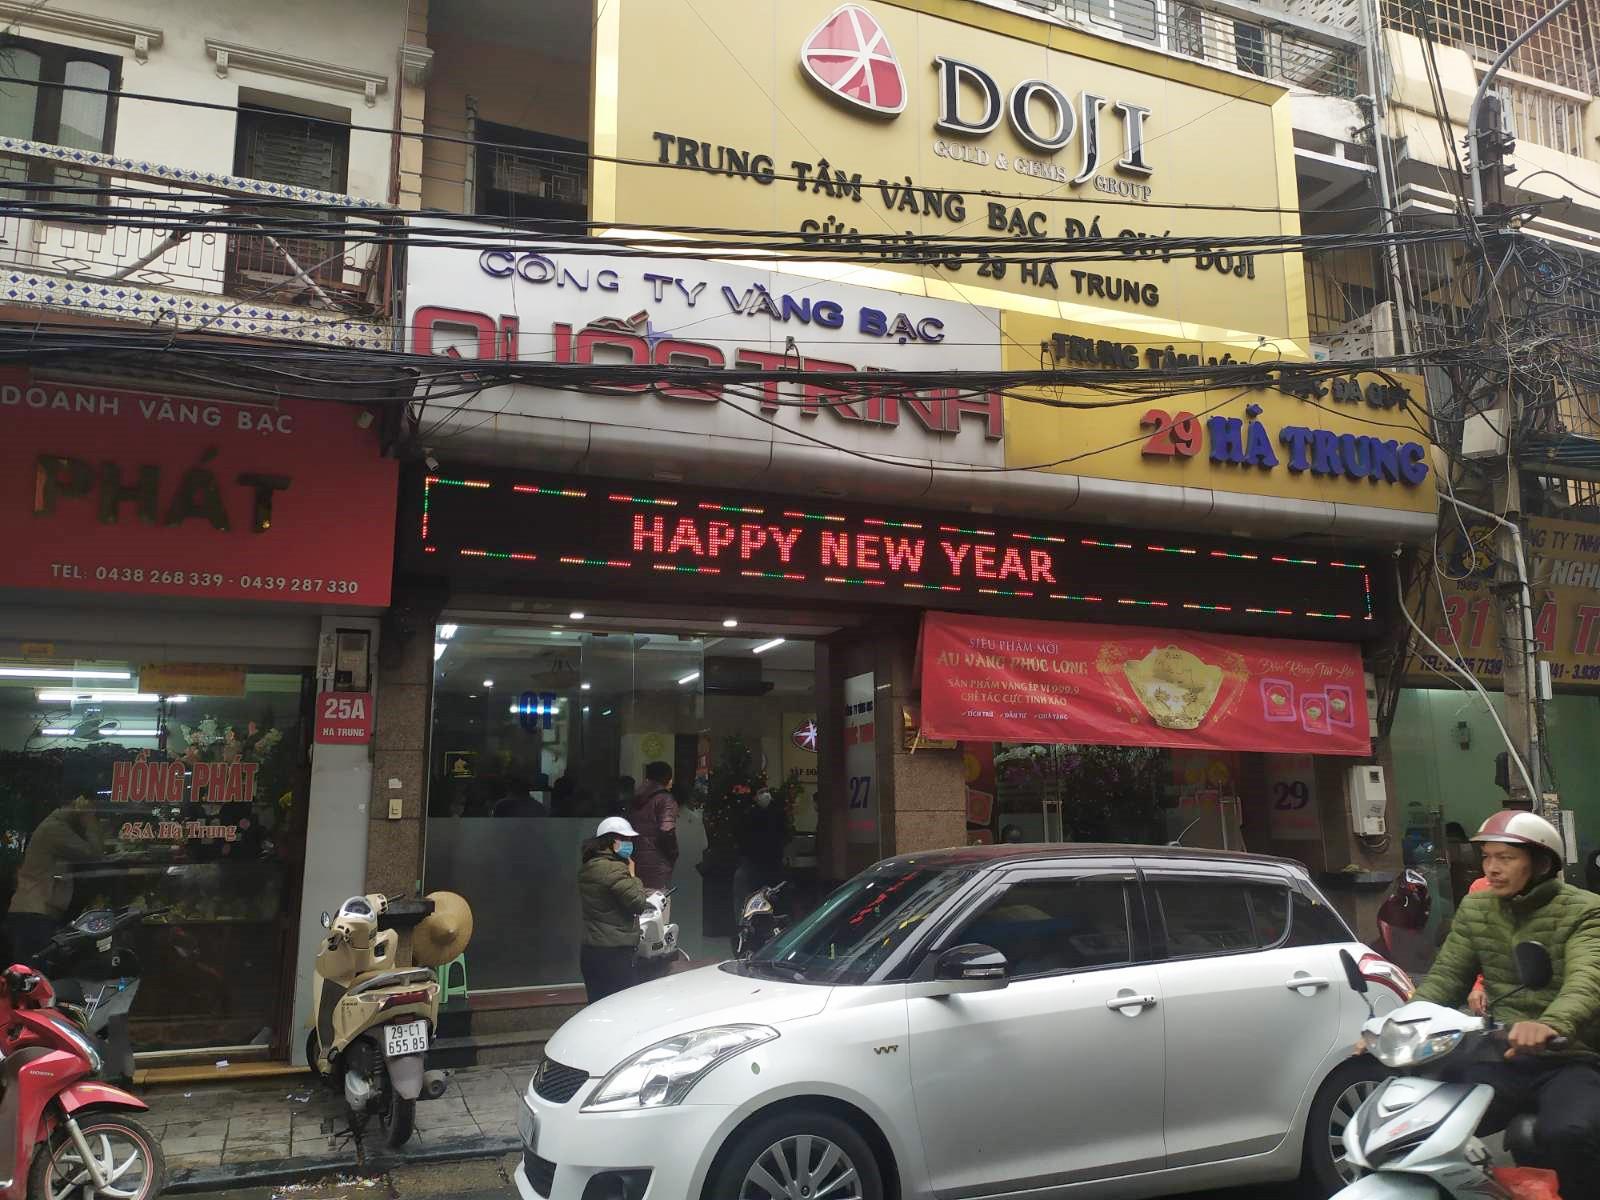 Nhiều cửa hàng vàng tại Hà Nội đìu hiu ngày vía Thần Tài - Ảnh 9.